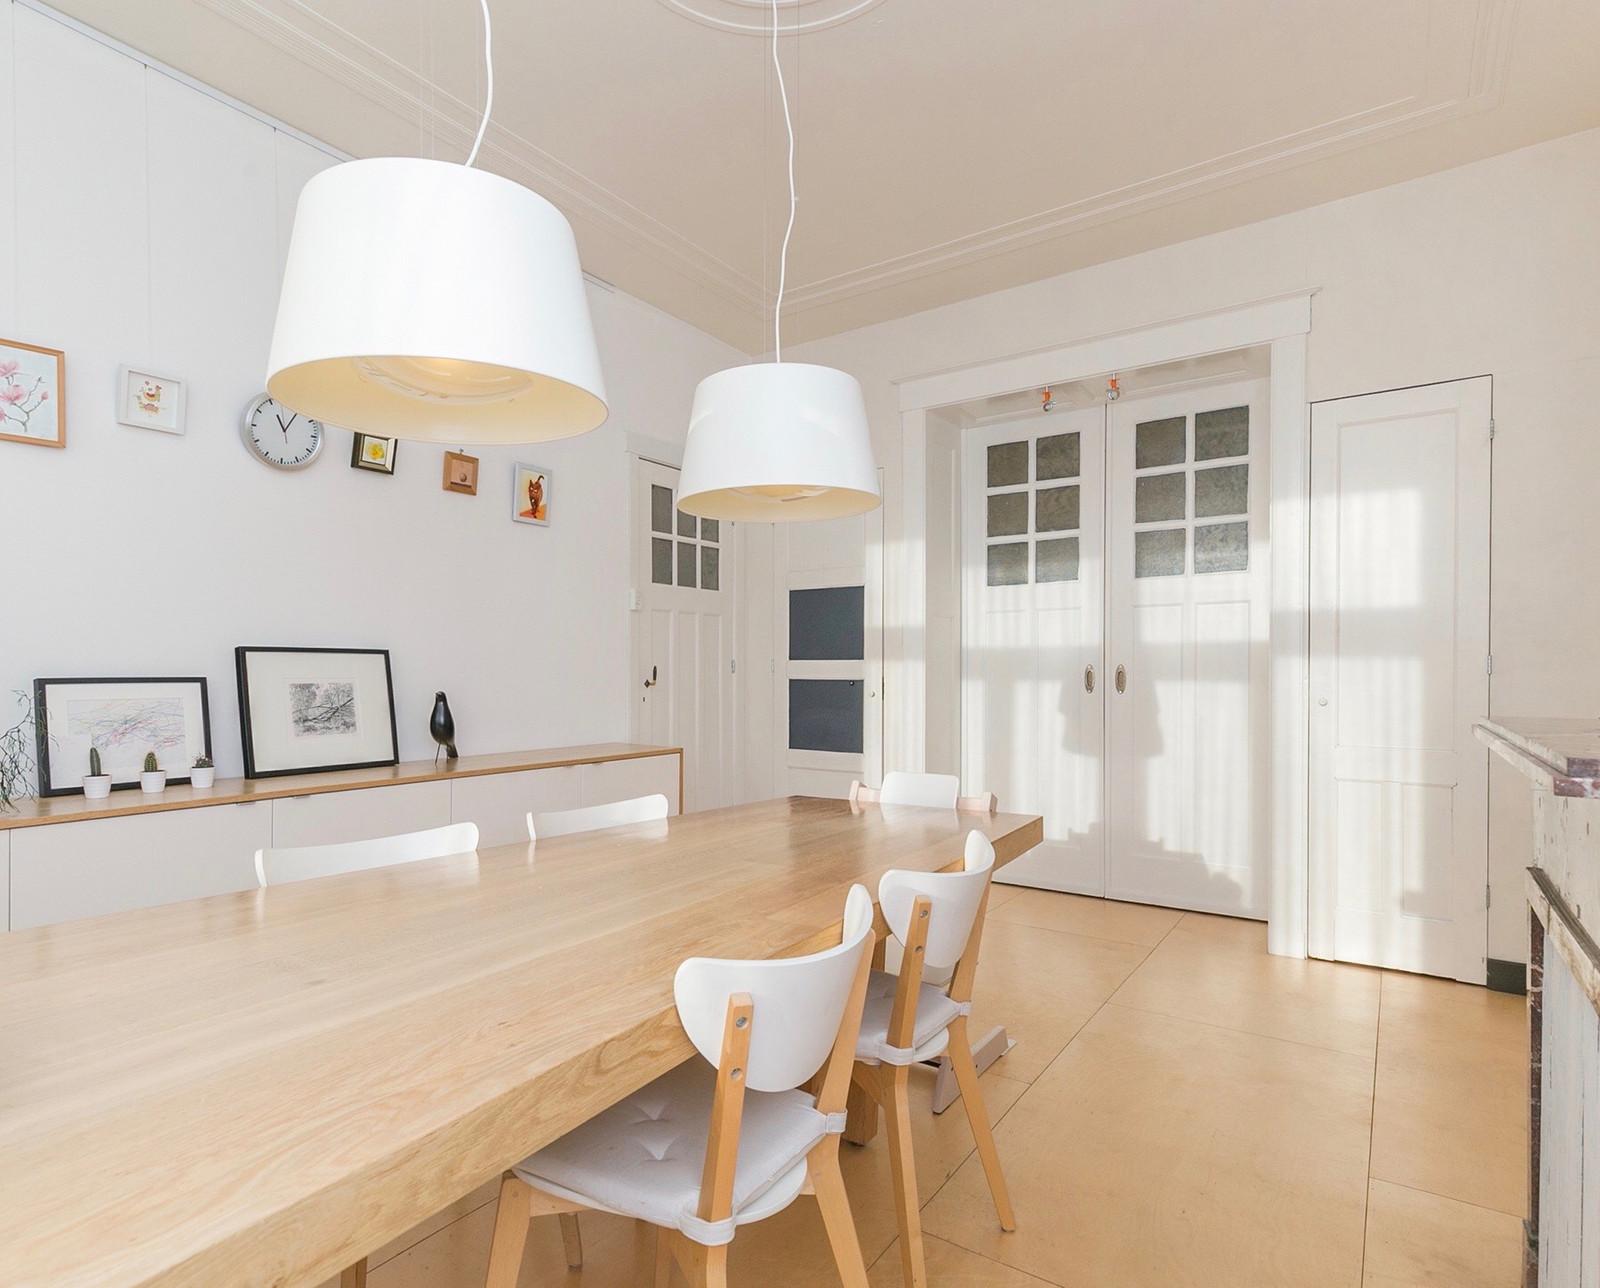 Beautiful eikenhouten tafel in perspectief meter lang en for Sideboard 3 meter lang